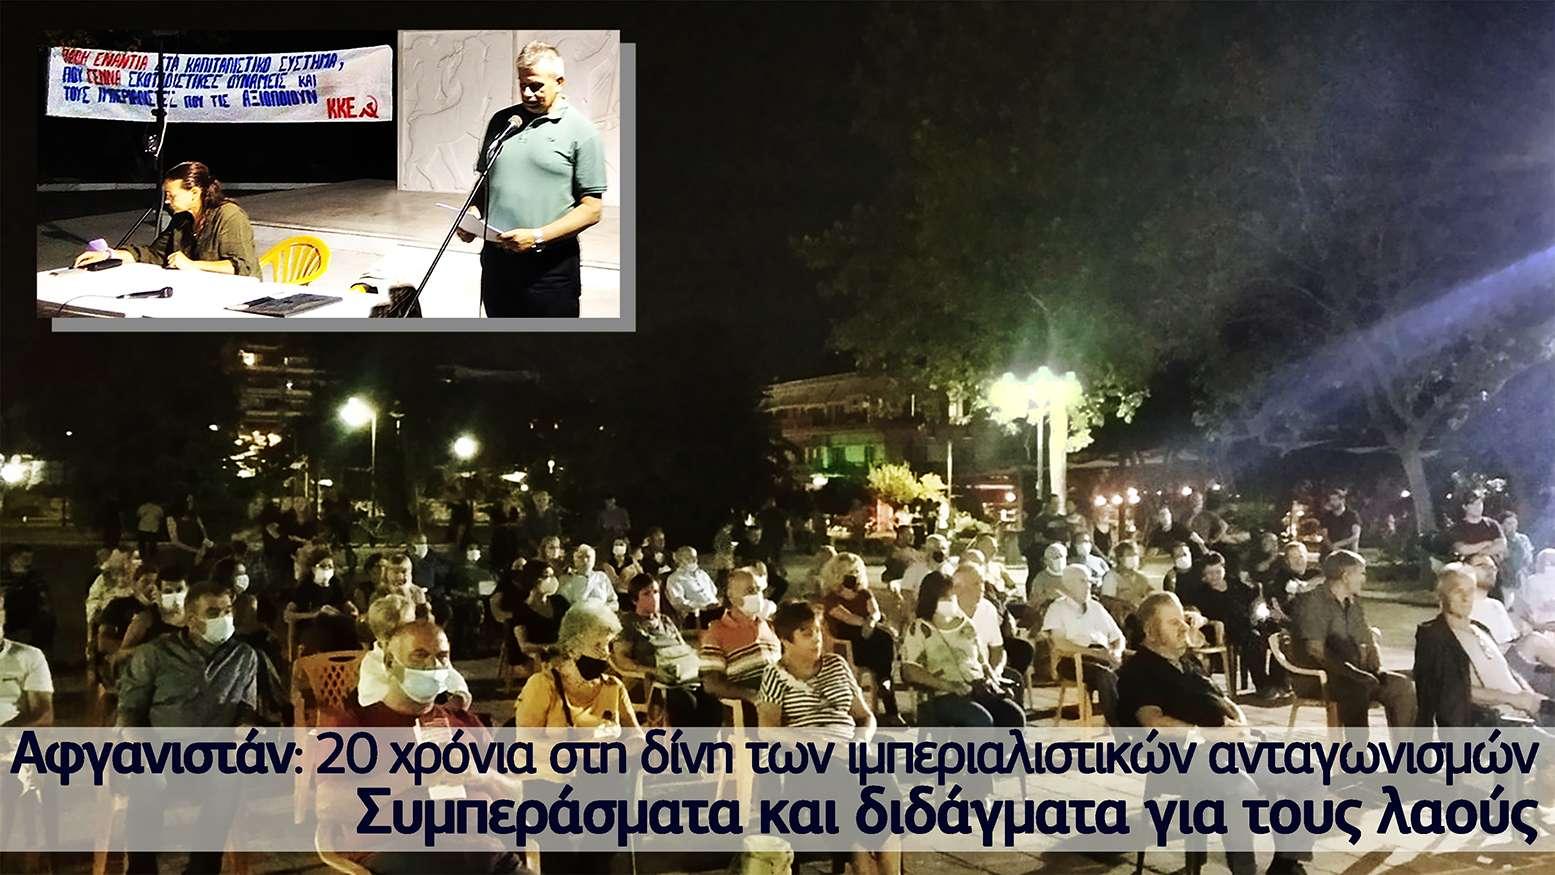 ΚΚΕ Ελισαίος Βαγενάς 20 χρόνια στη δίνη των ιμπεριαλιστικών ανταγωνισμών